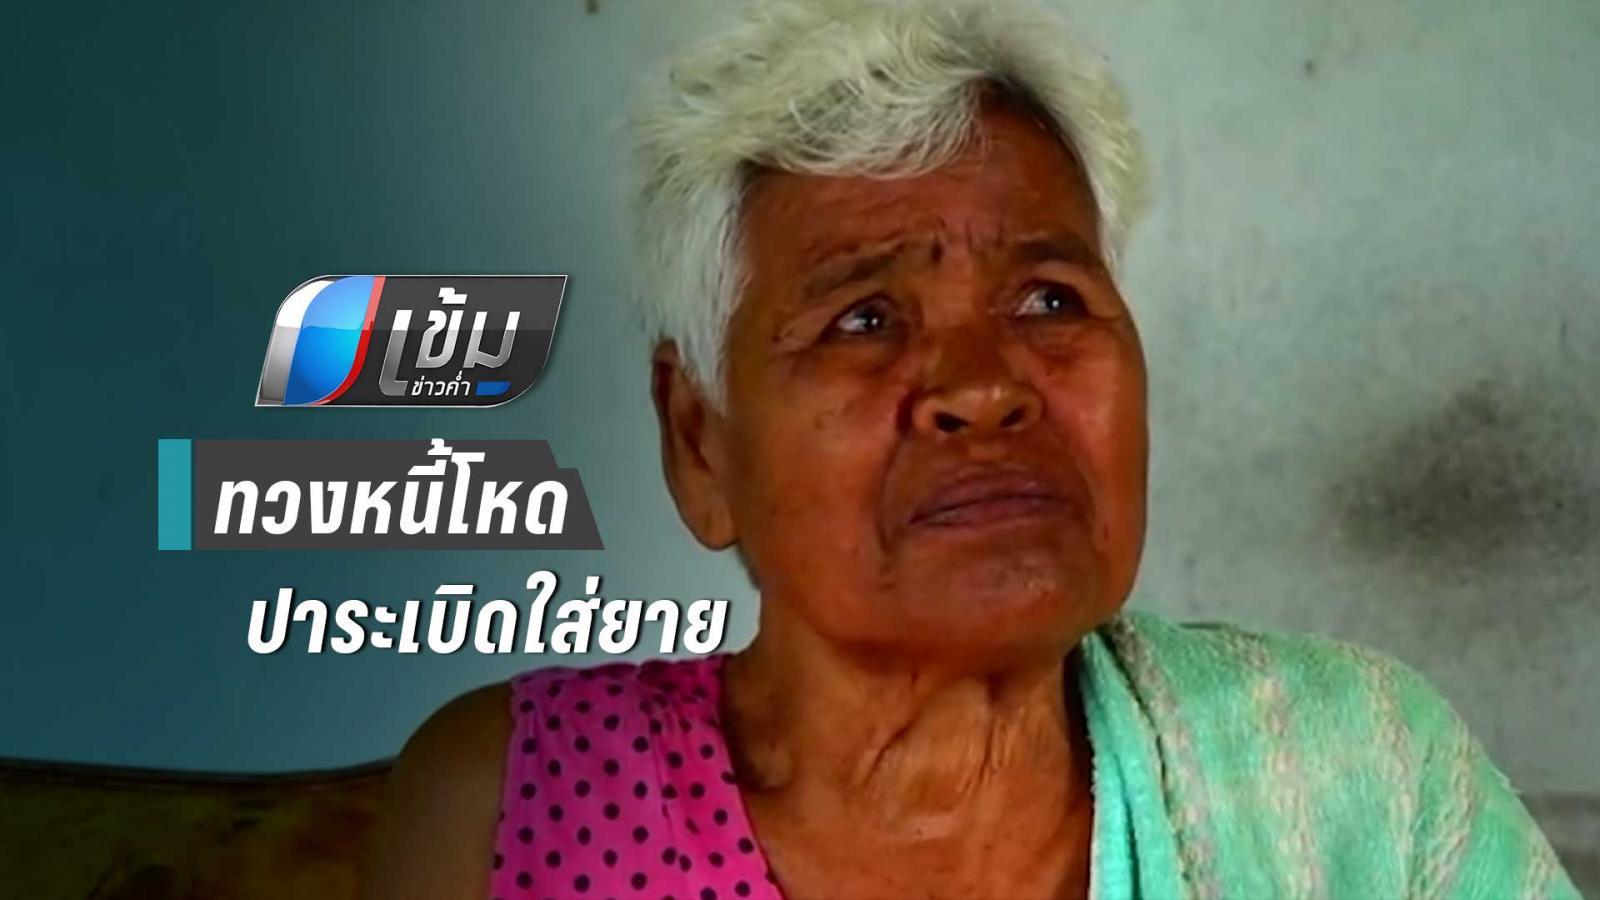 ทวงหนี้โหด! ปาระเบิดใส่บ้านยายวัย 78 ปี